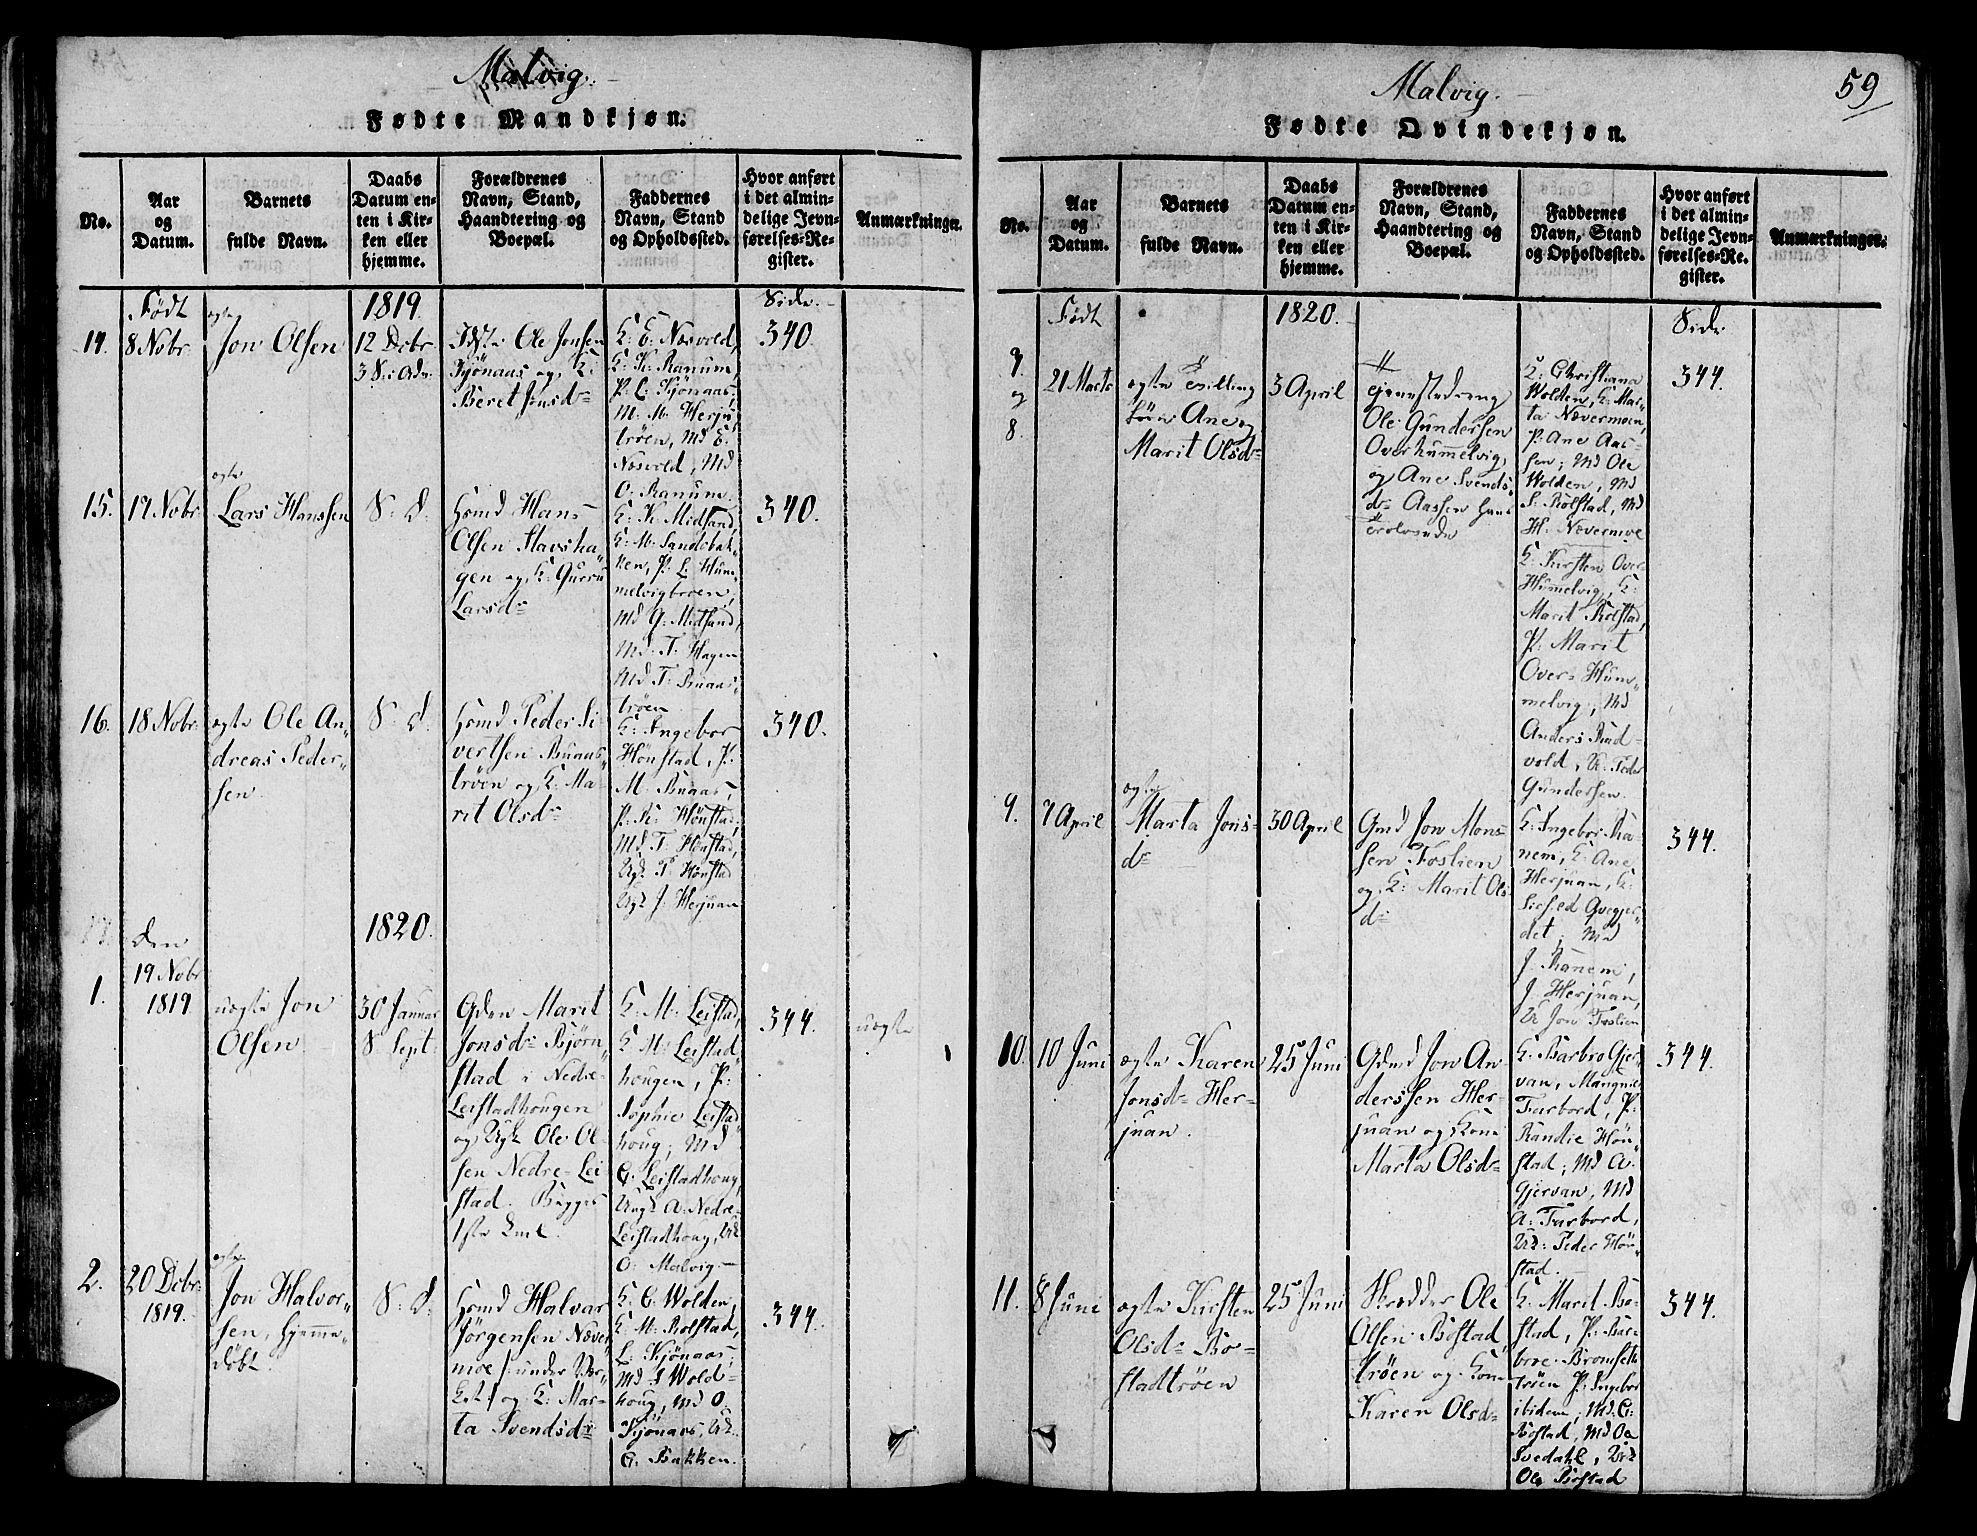 SAT, Ministerialprotokoller, klokkerbøker og fødselsregistre - Sør-Trøndelag, 606/L0284: Ministerialbok nr. 606A03 /2, 1819-1823, s. 59